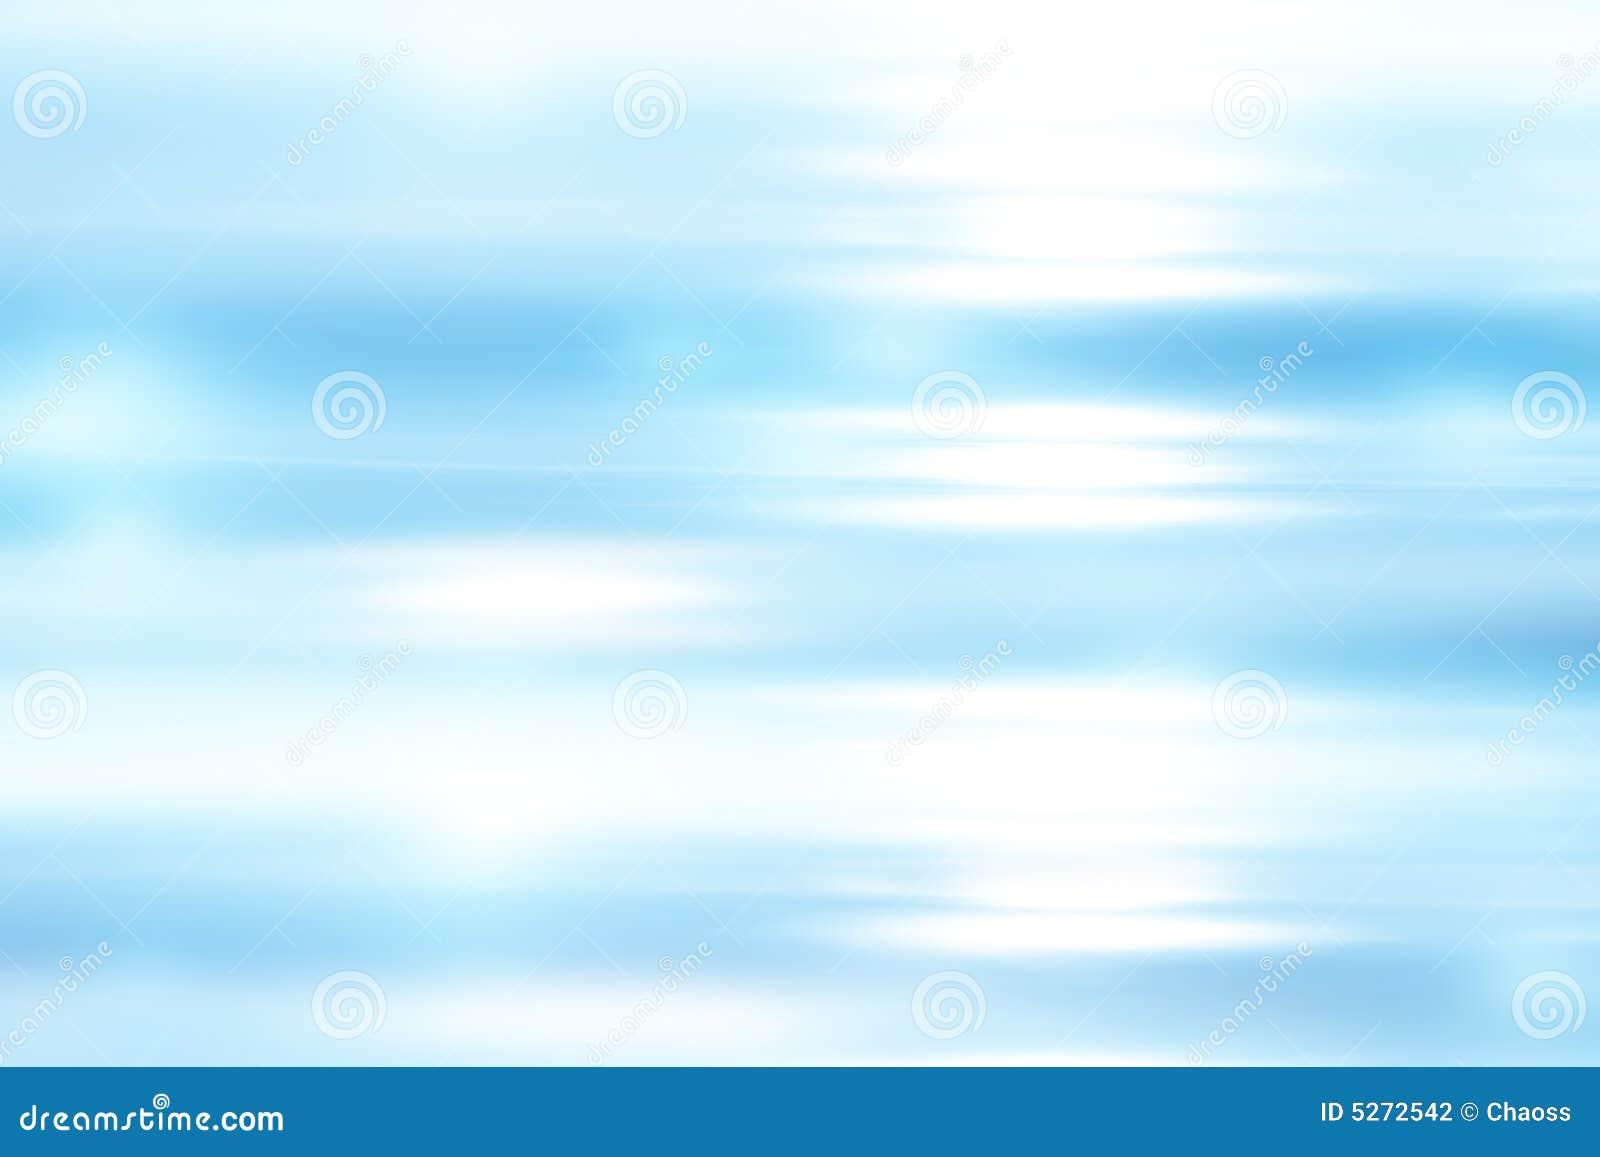 抽象背景蓝色明亮的软件